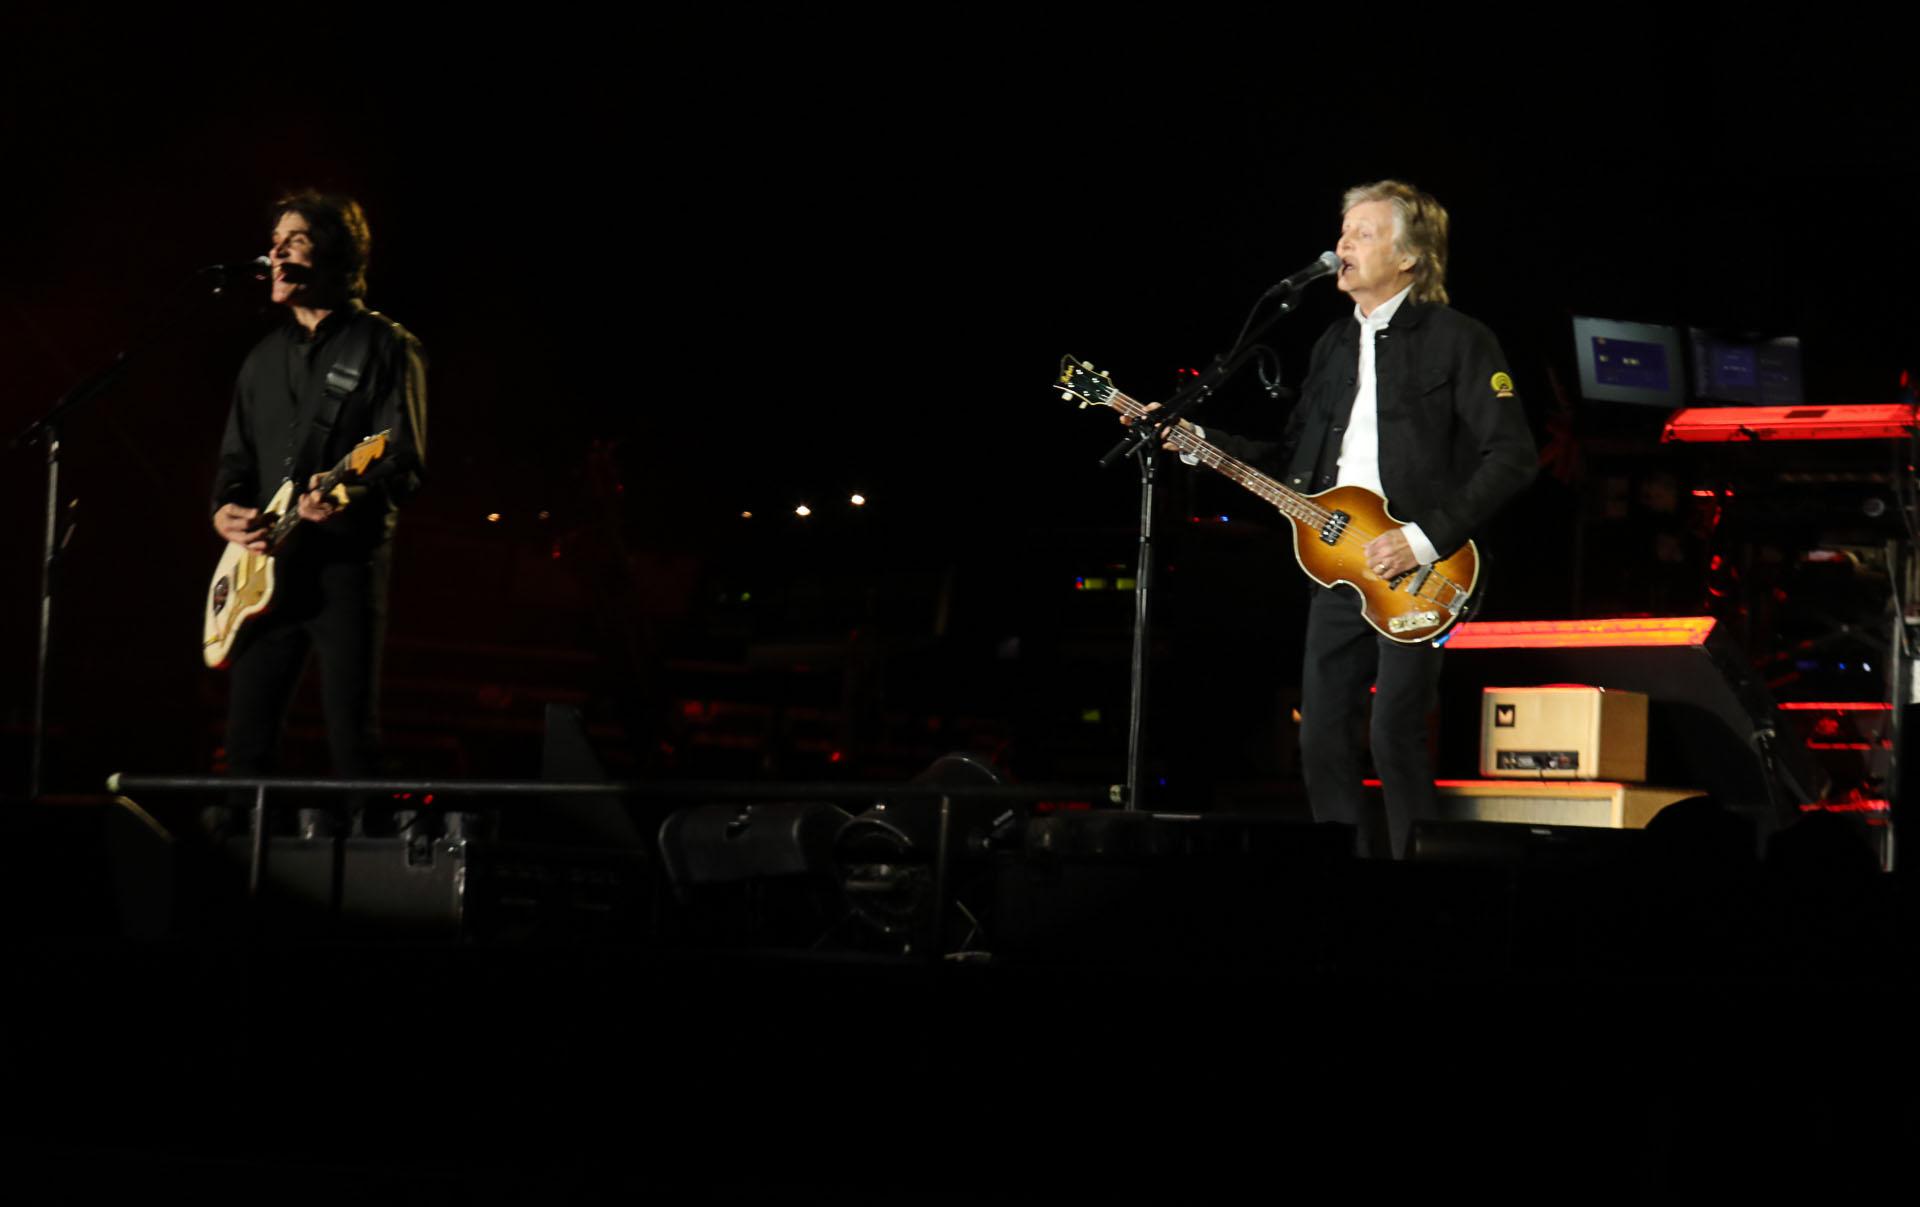 """El nuevo desembarco de Paul tiene lugar en el marco del """"Freshen Up Tour"""", que tiene como excusa la presentación de su álbum """"Egypt Station"""" (Christian Bochichio / Teleshow)"""